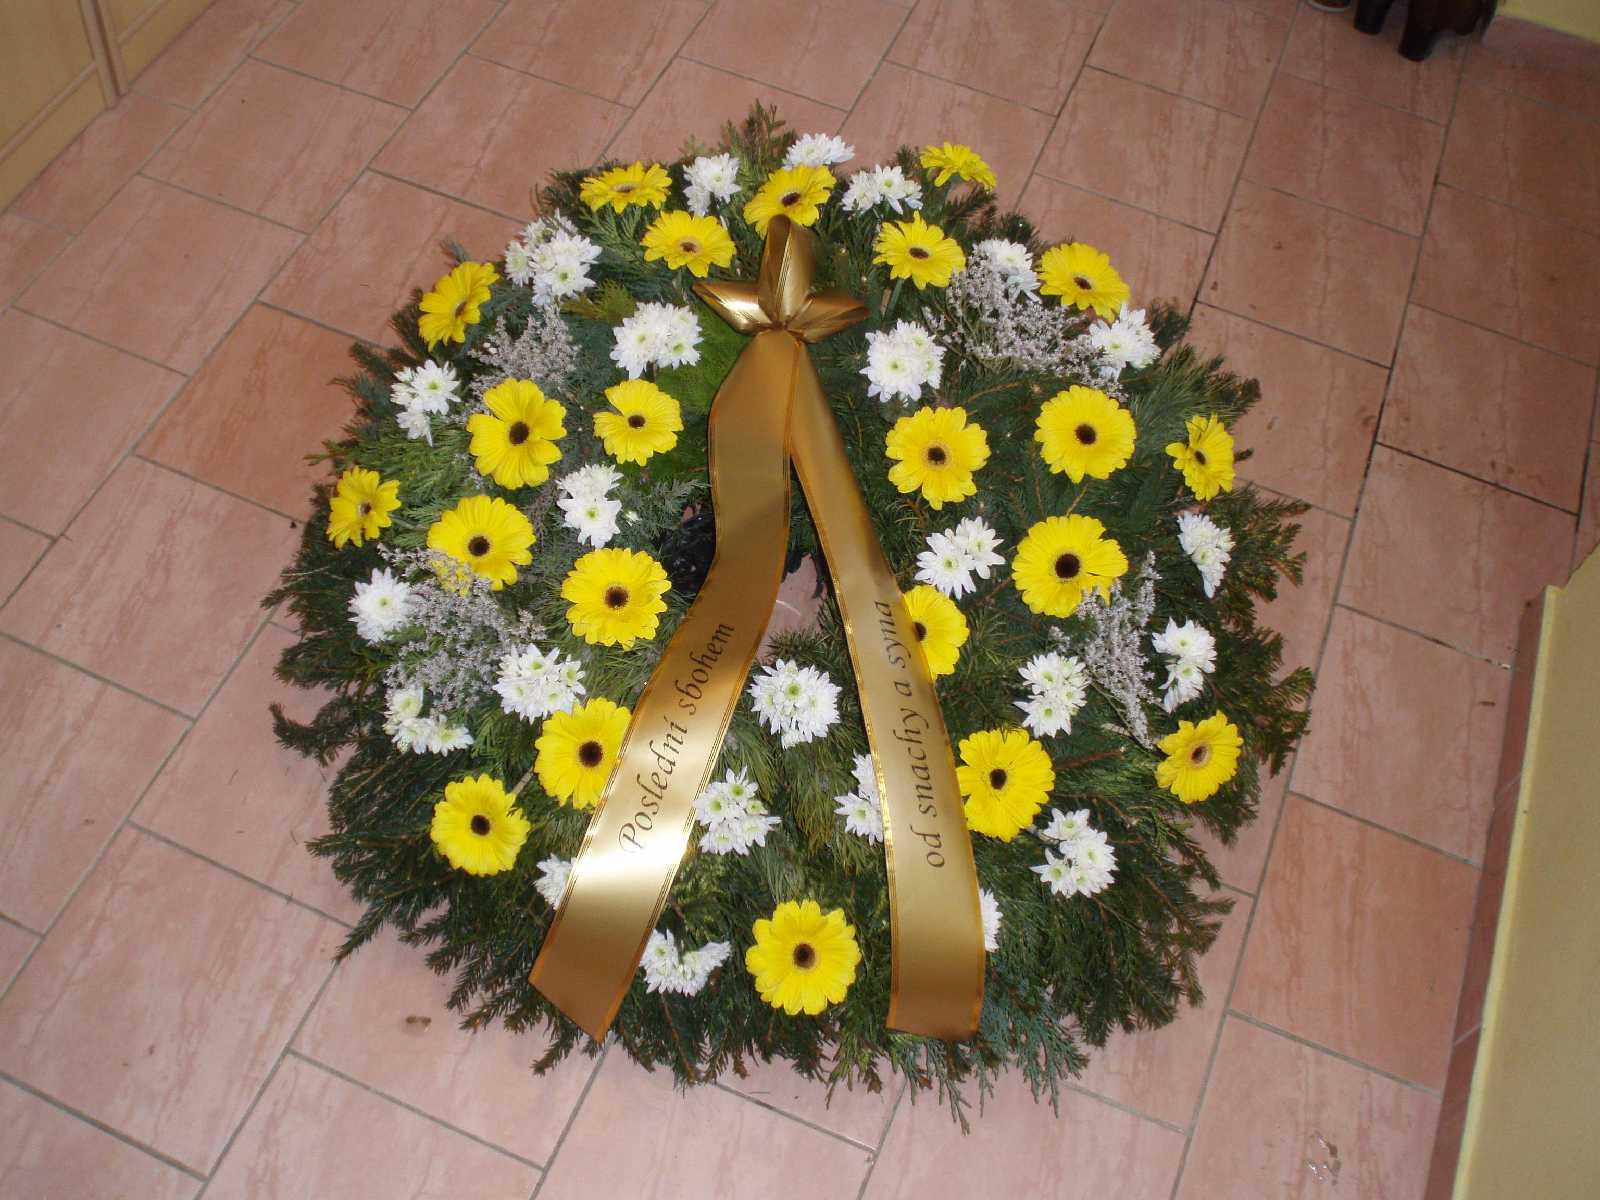 Smuteční věnec, Marie - pohřební služba Opava